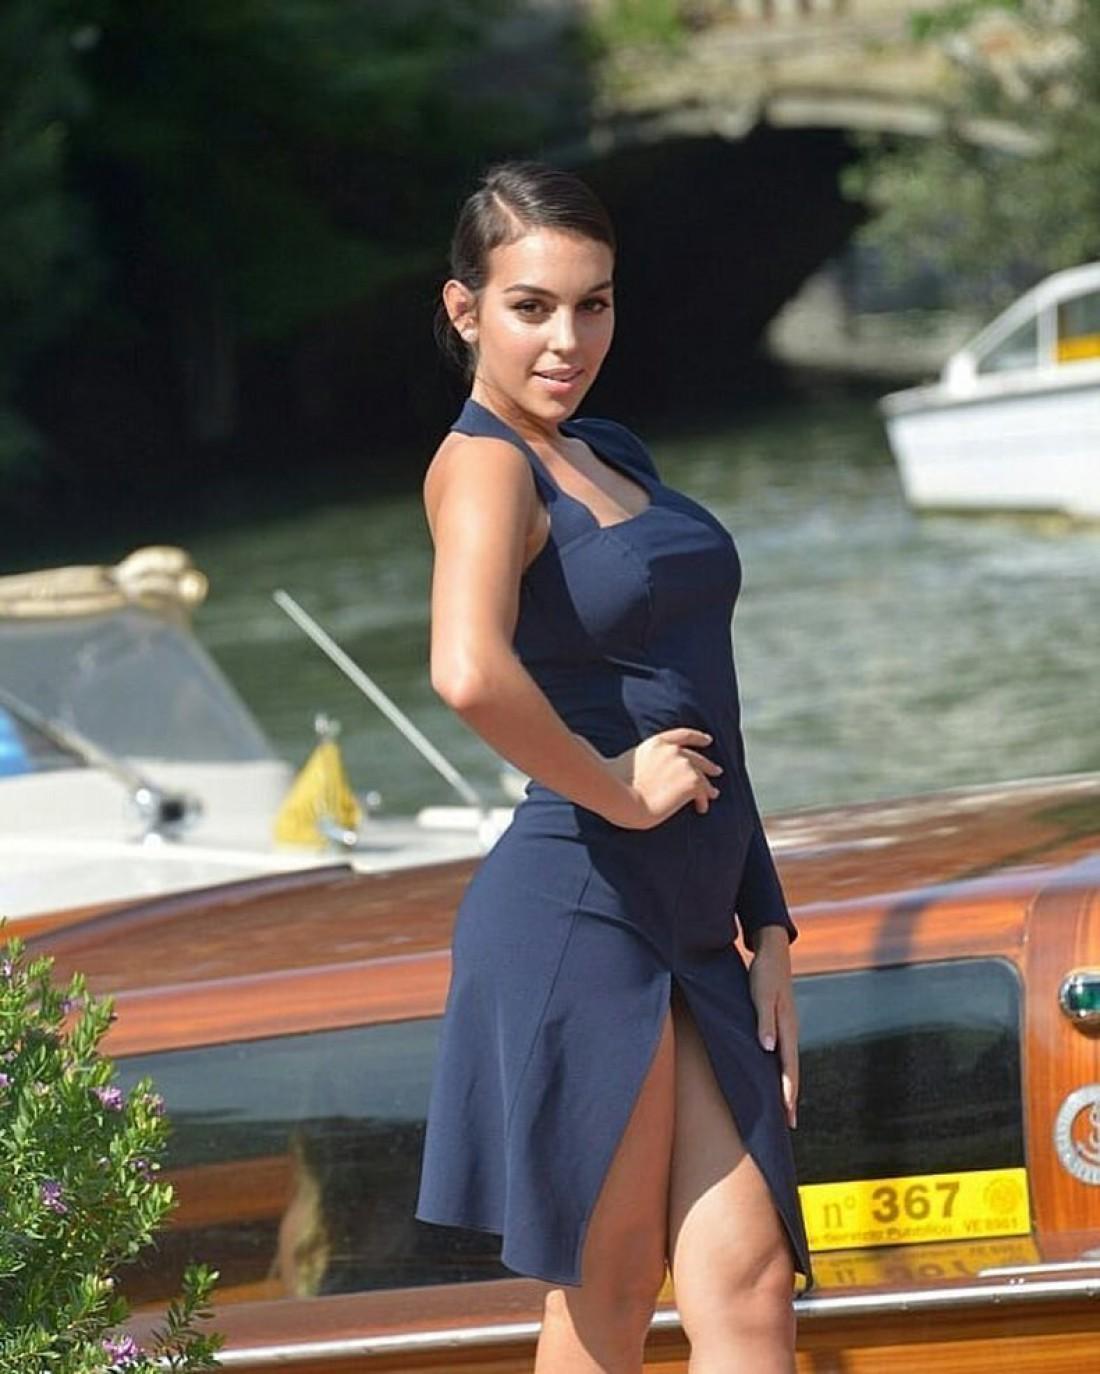 Джорджина Родригес поселила открытие Венецианского кинофестиваля